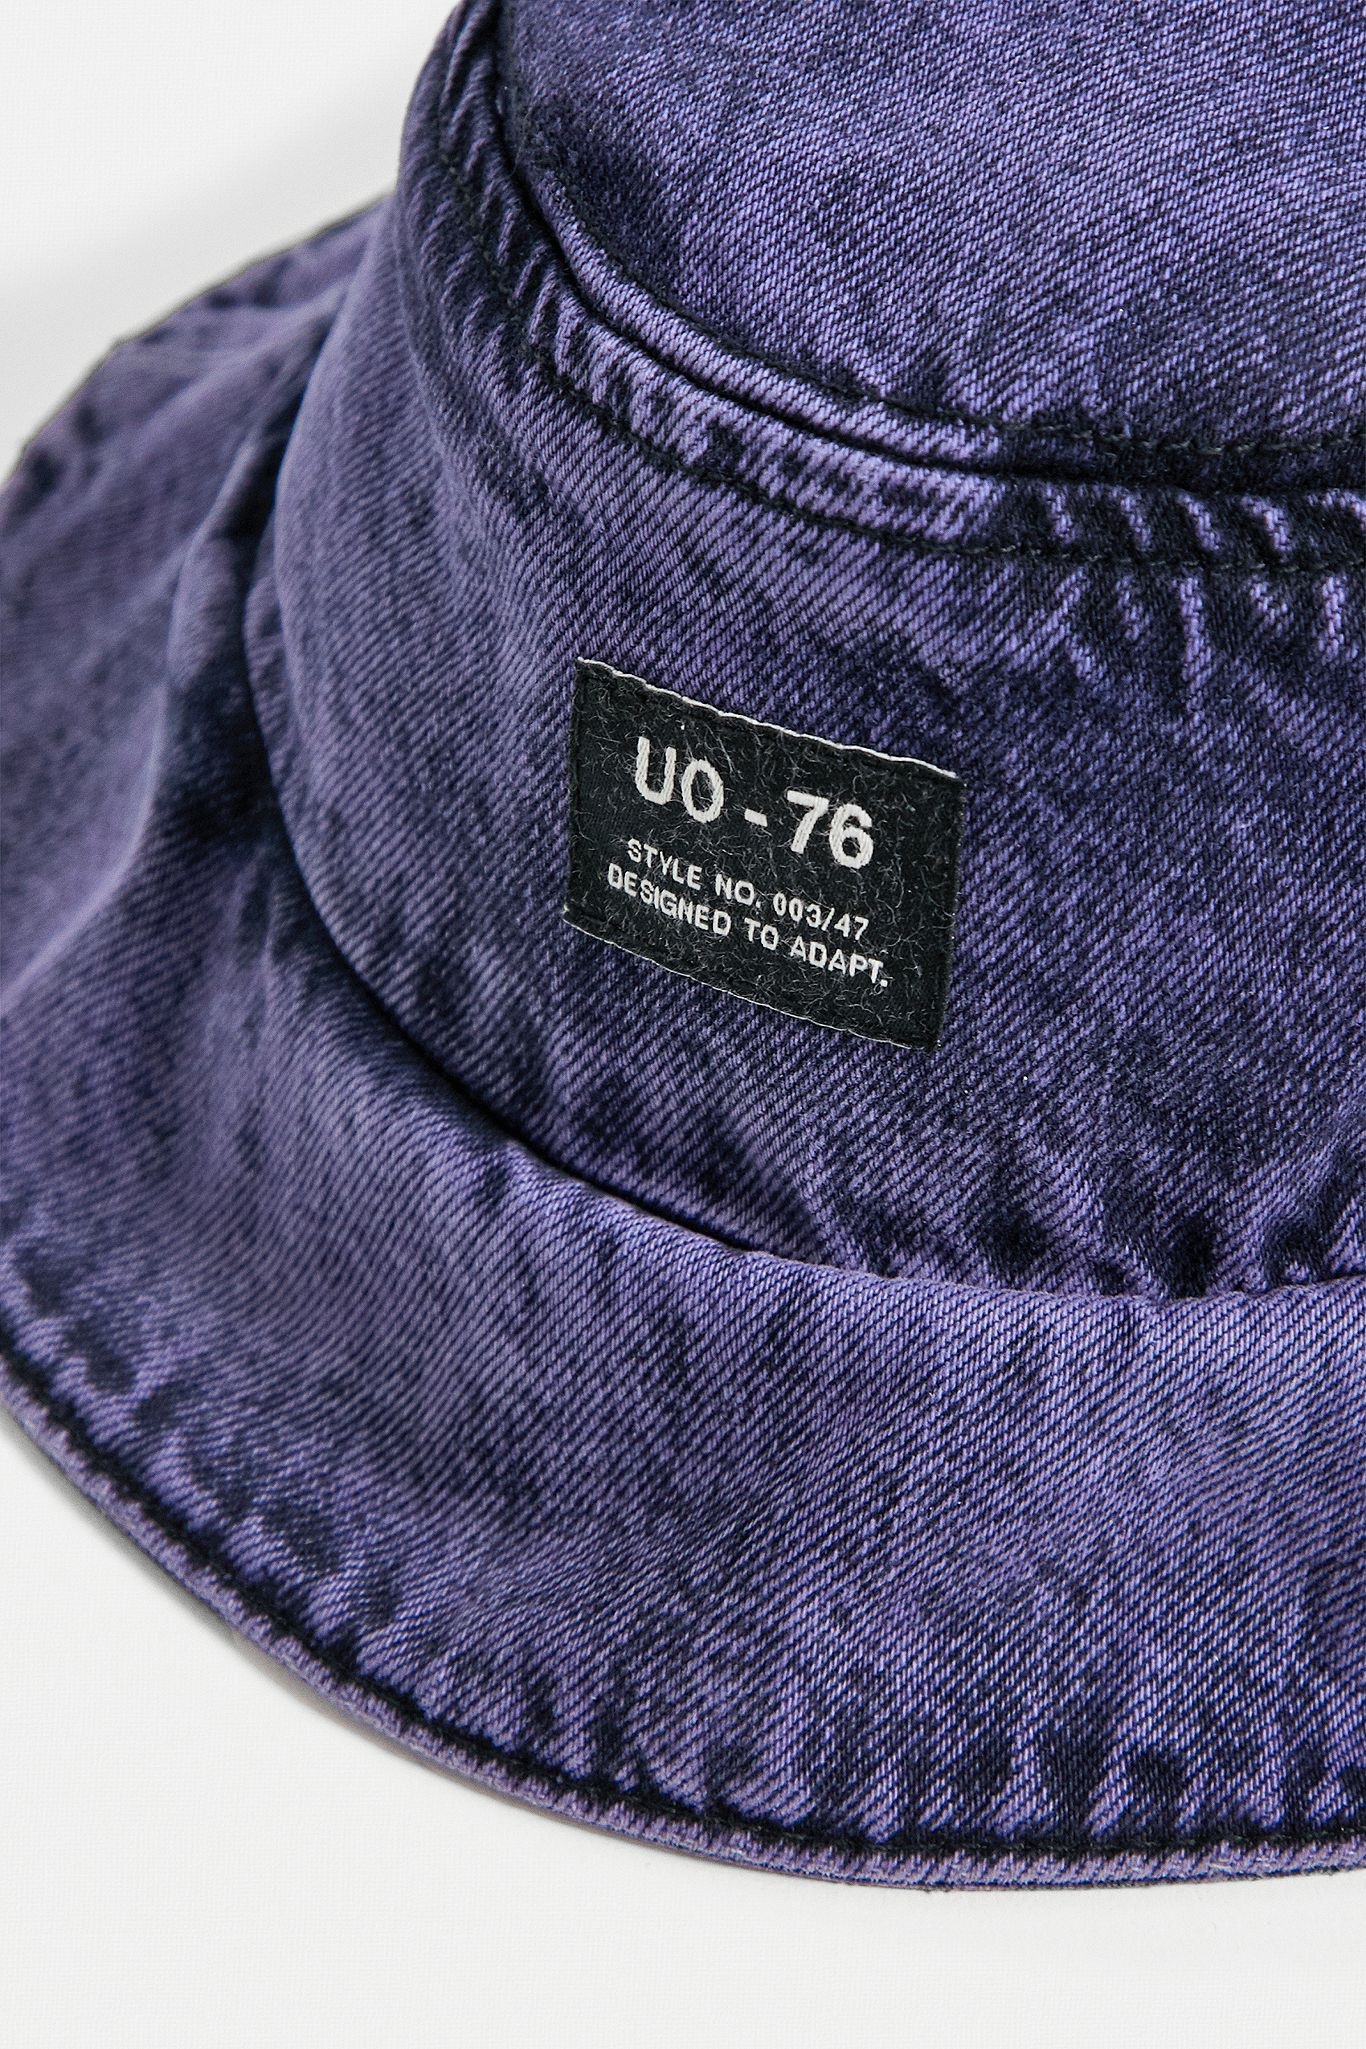 Uo Purple Washed Denim Bucket Hat Urban Outfitters Uk Denim Wash Denim Bucket Hat Hats